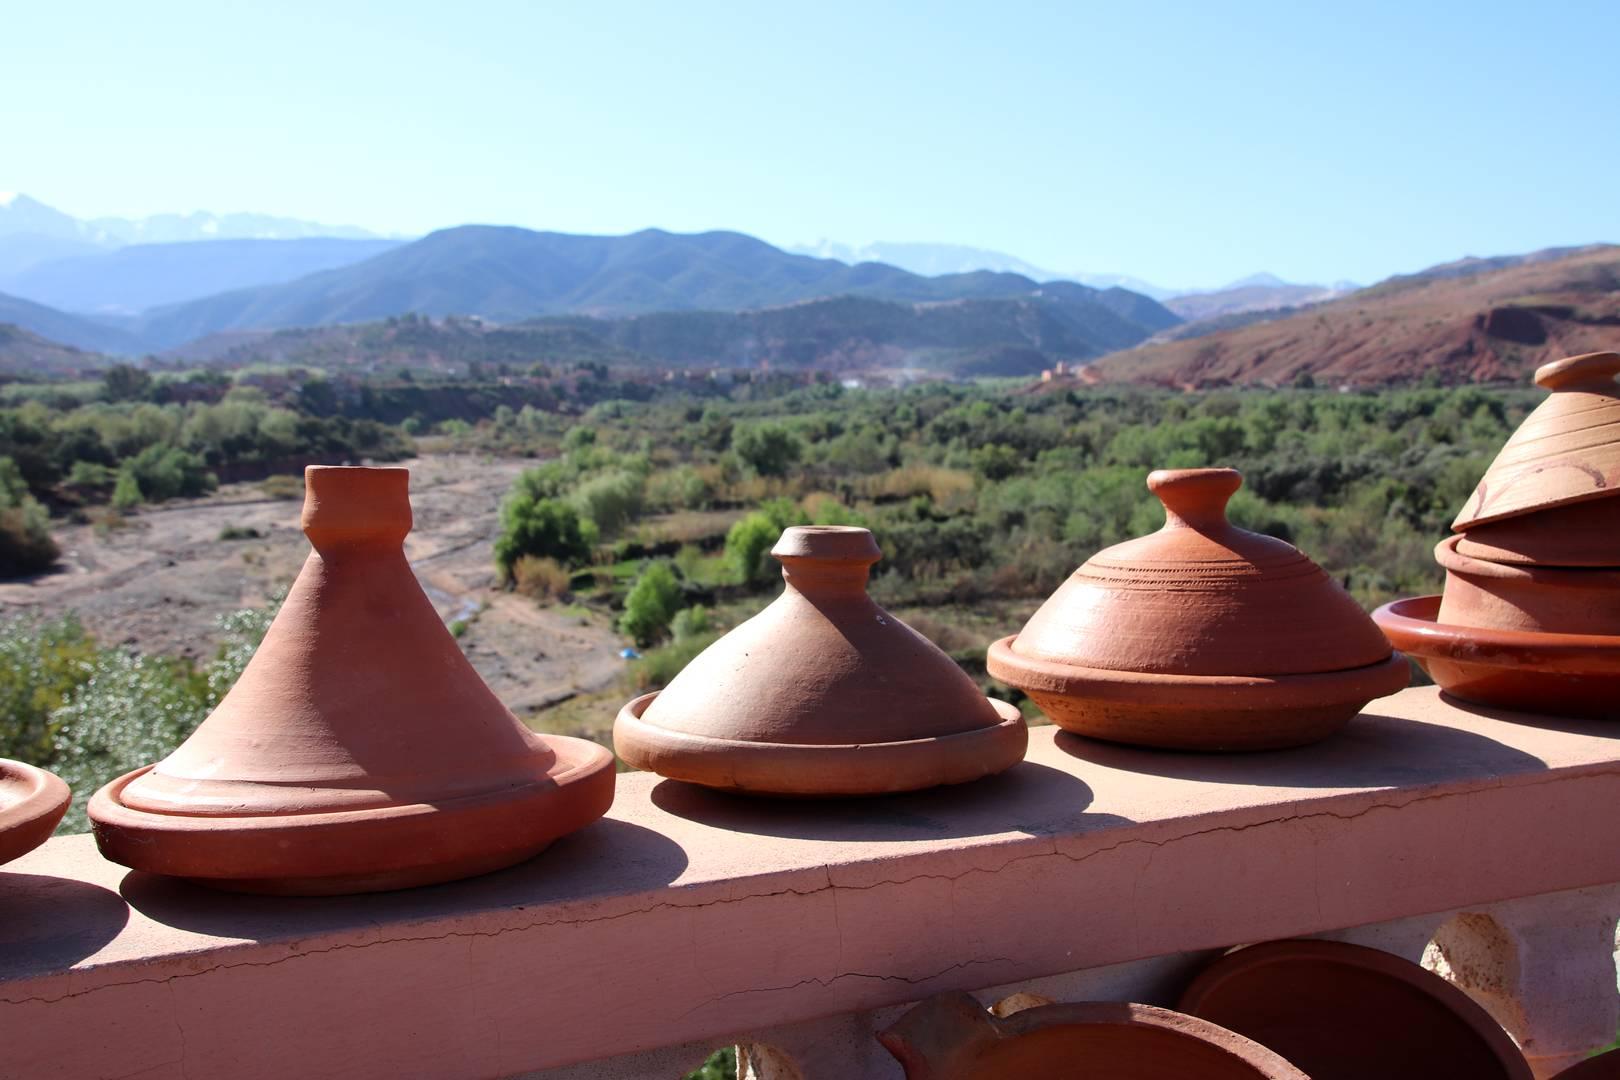 Maroc - Tajines à vendre dans la vallée d'Imlil